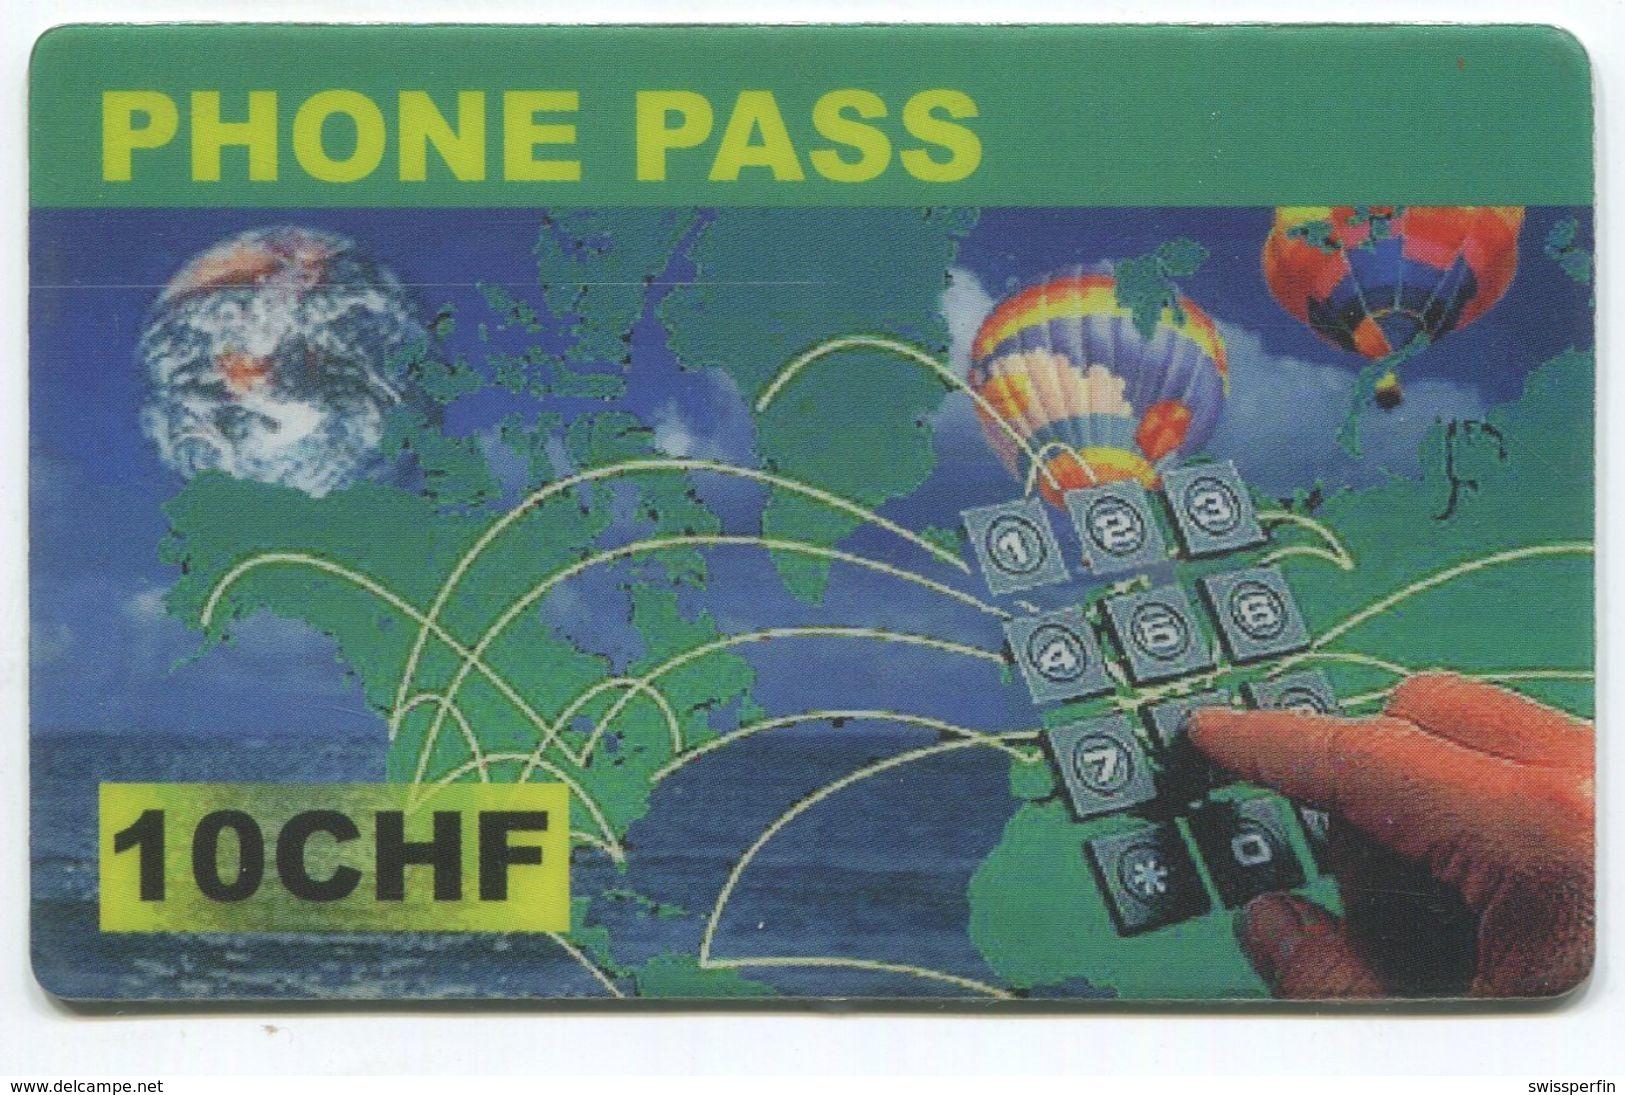 1699 - Phone Pass 10 CHF Prepaid Telefonkarte - Schweiz